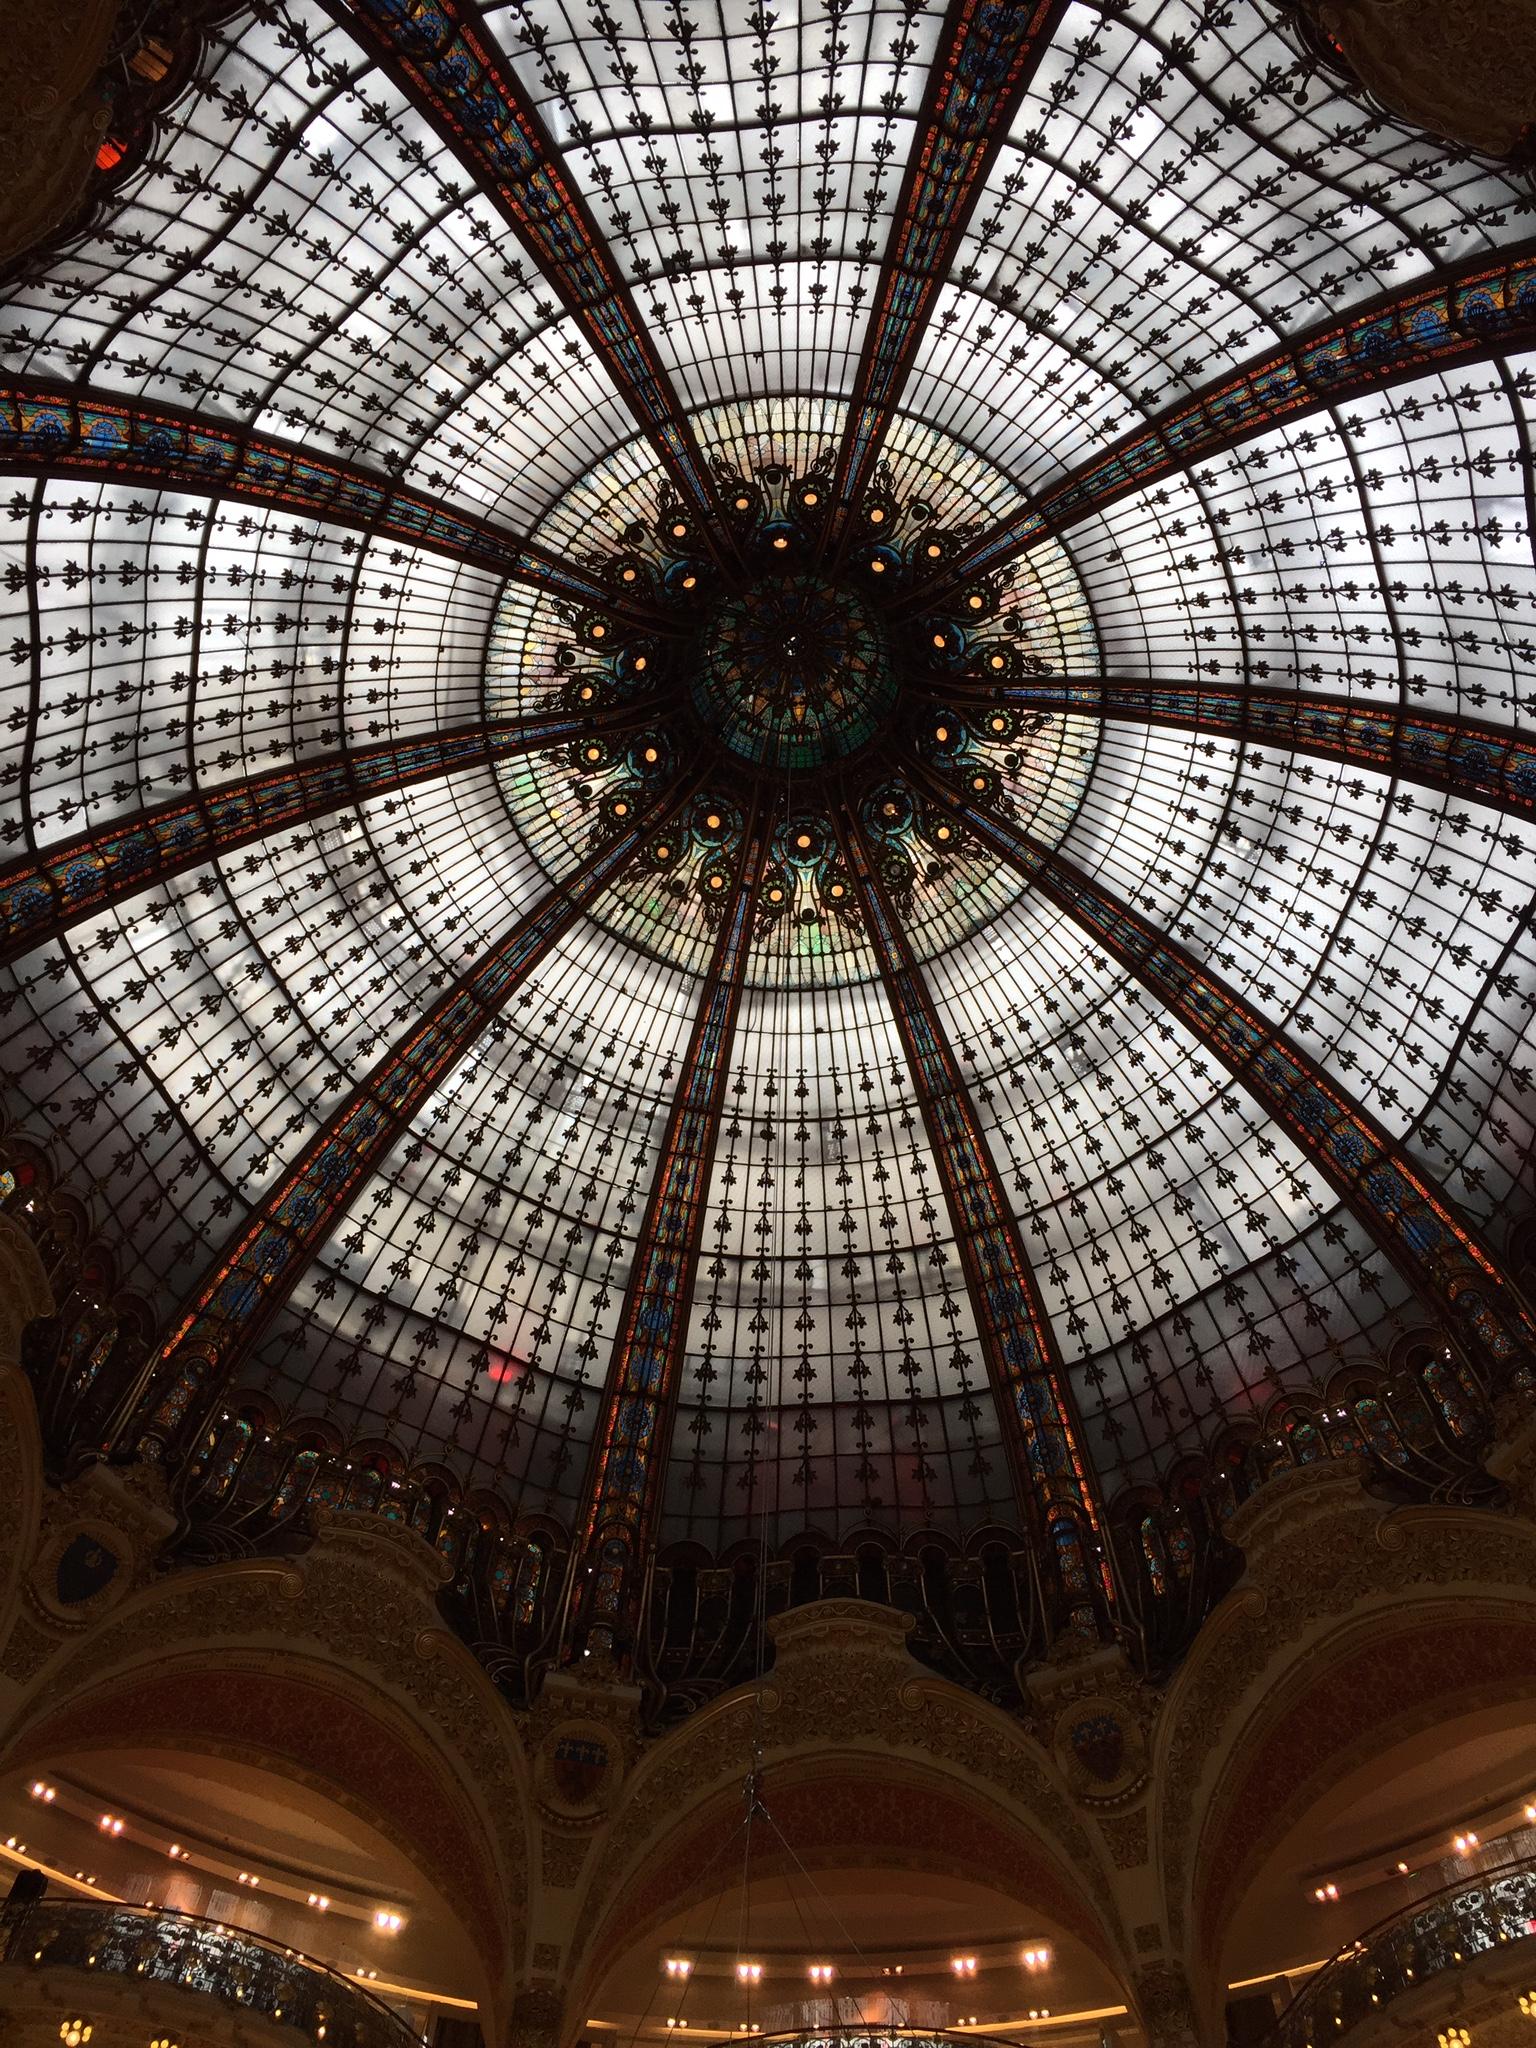 Paris, Violet Glenton, Explore, Visit Paris